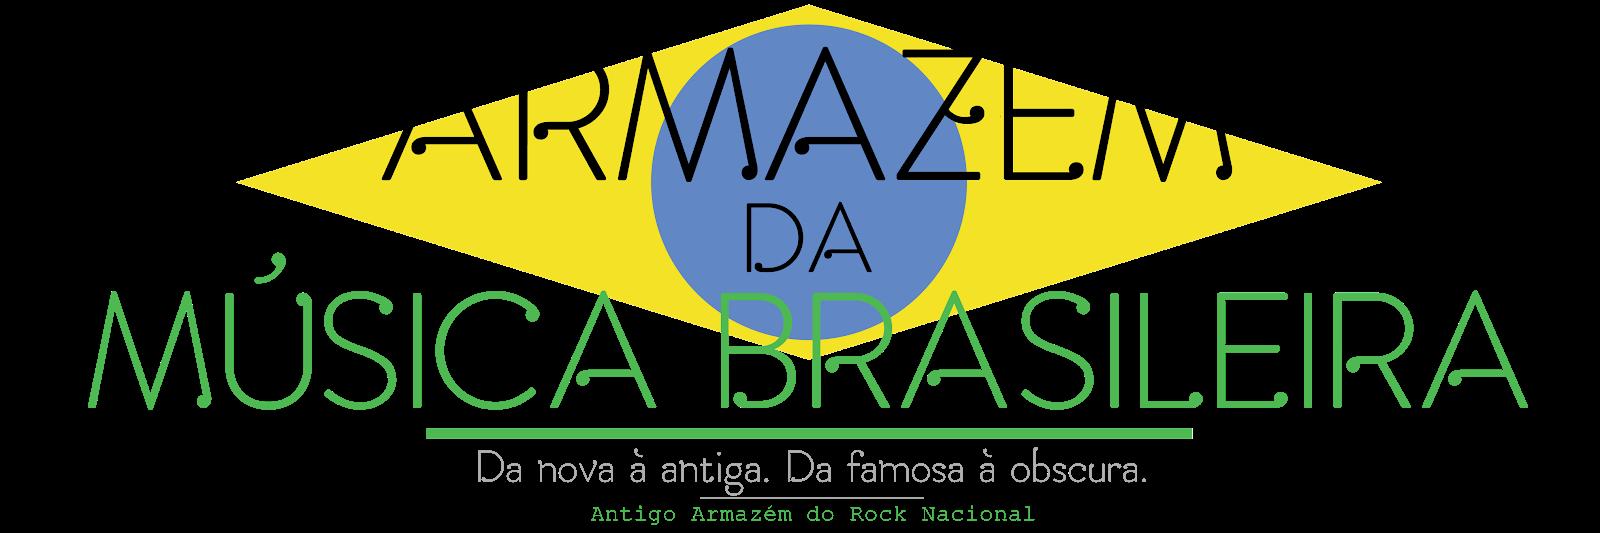 Armazém da Música Brasileira (Armazém do Rock Nacional)